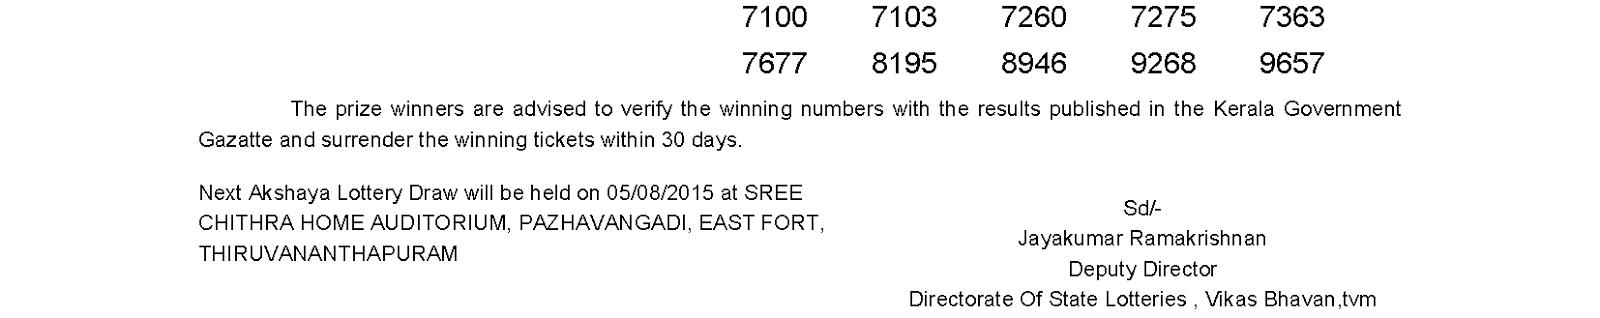 Akshaya Lottery AK 200 Result 29-7-2015